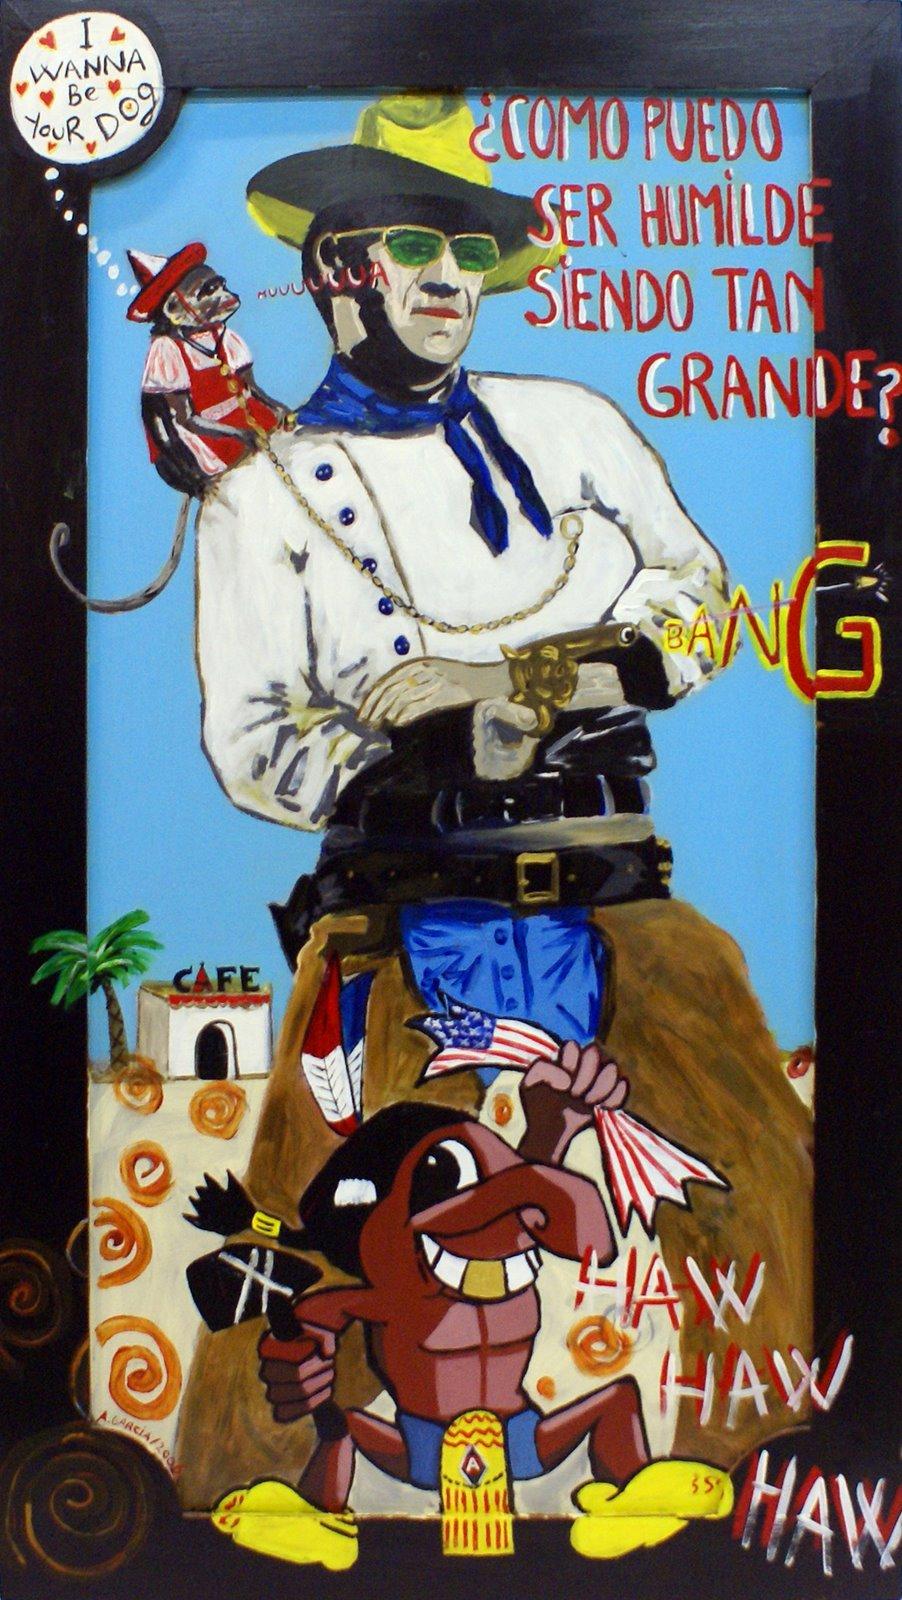 Como puedo ser humilde siendo tan grande,  Agustí Garcia Monfort, Bad Painting, EL BUENO, EL MALO, JOHN WAYNE, Pinturas,